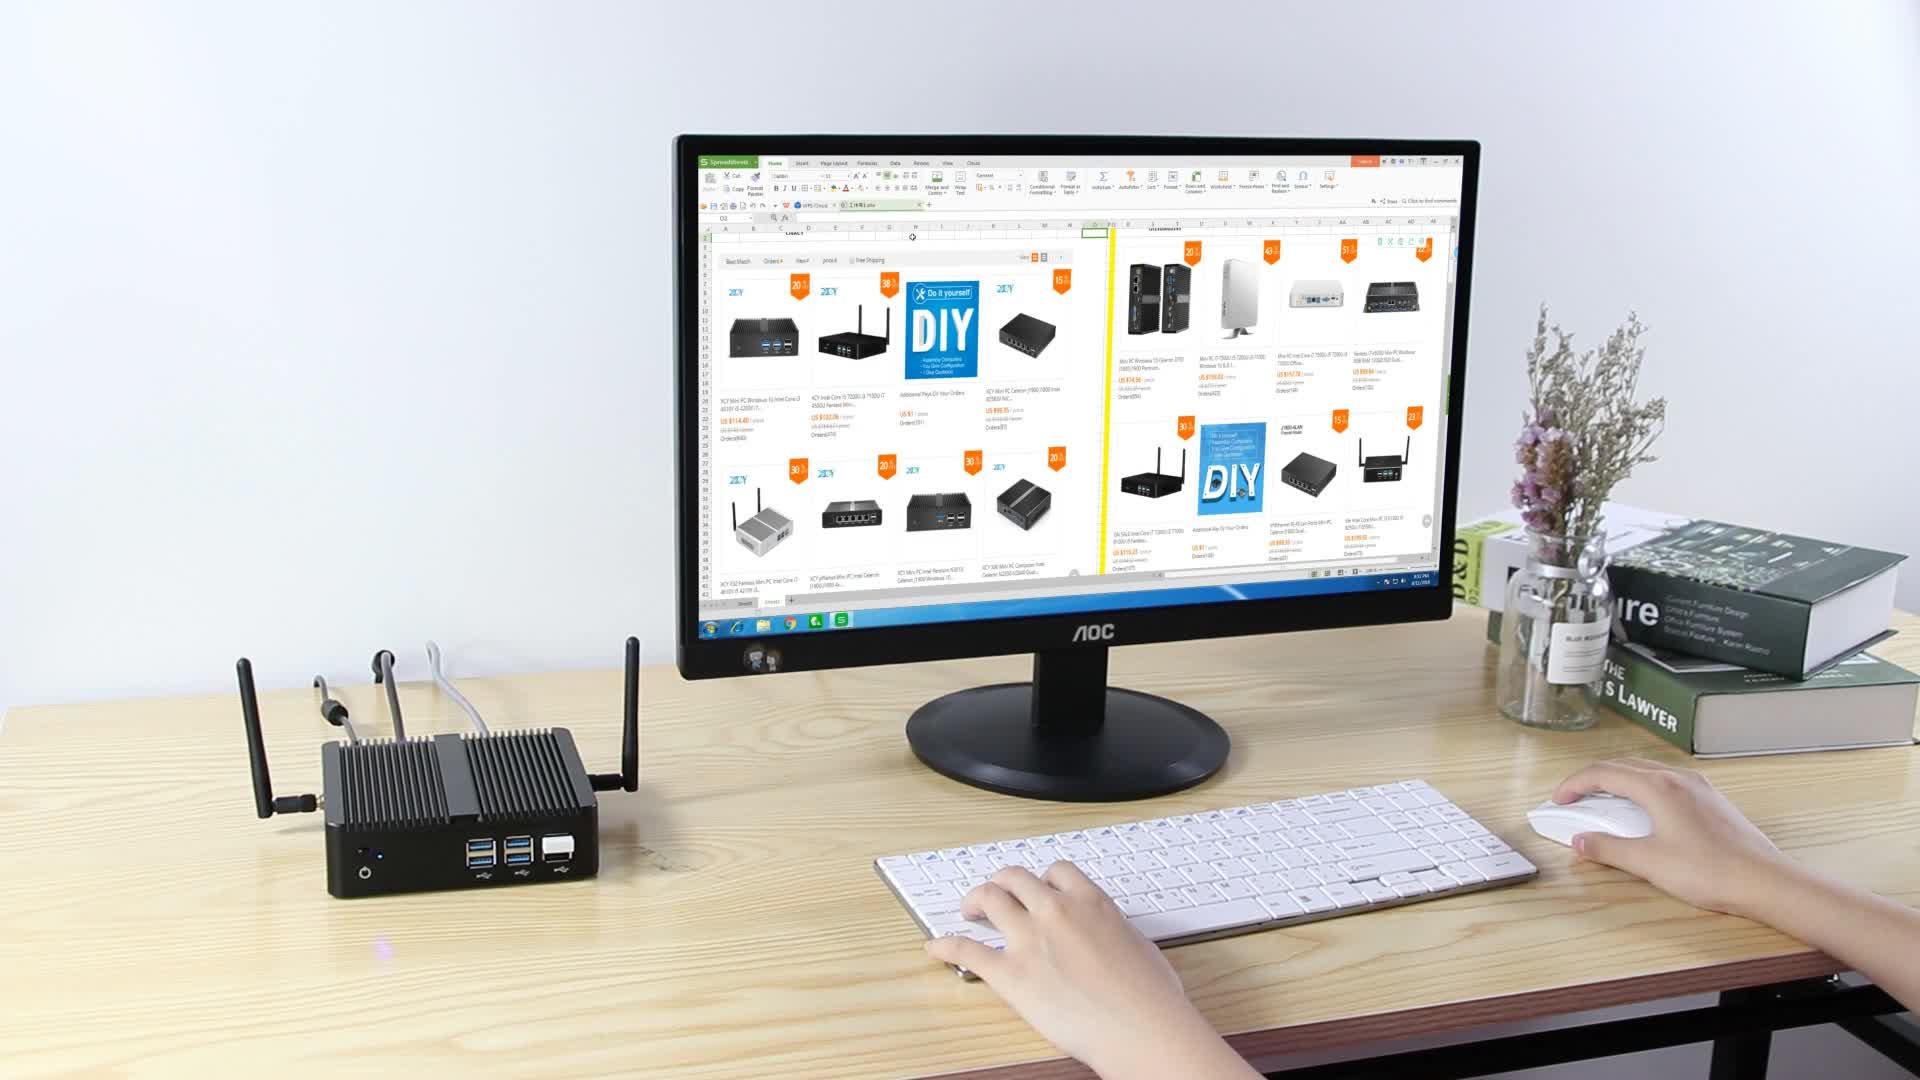 Mini desktop Win10 Intel 3955U 3965U 4405U 2.10 GHz VGA HD 4*USB3.0 2*USB 2.0 WIFI Mini Desktop PC Nettop HTPC Fanless mini pc